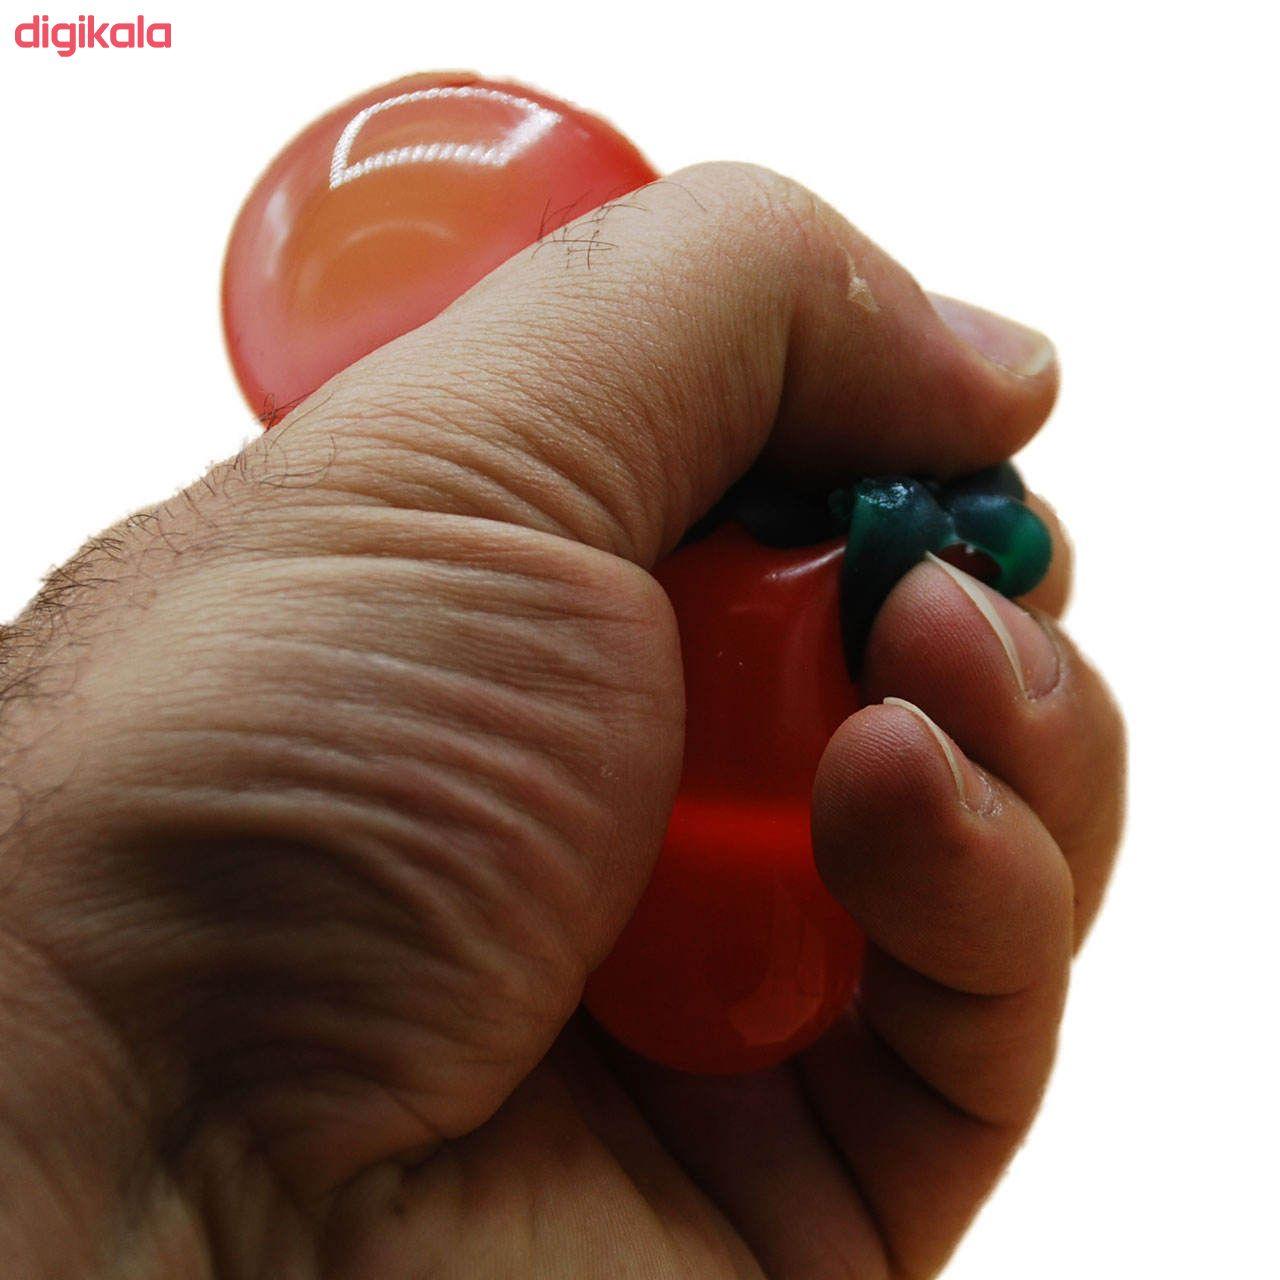 فیجت ضد استرس مدل گوجه pnd1012 main 1 2